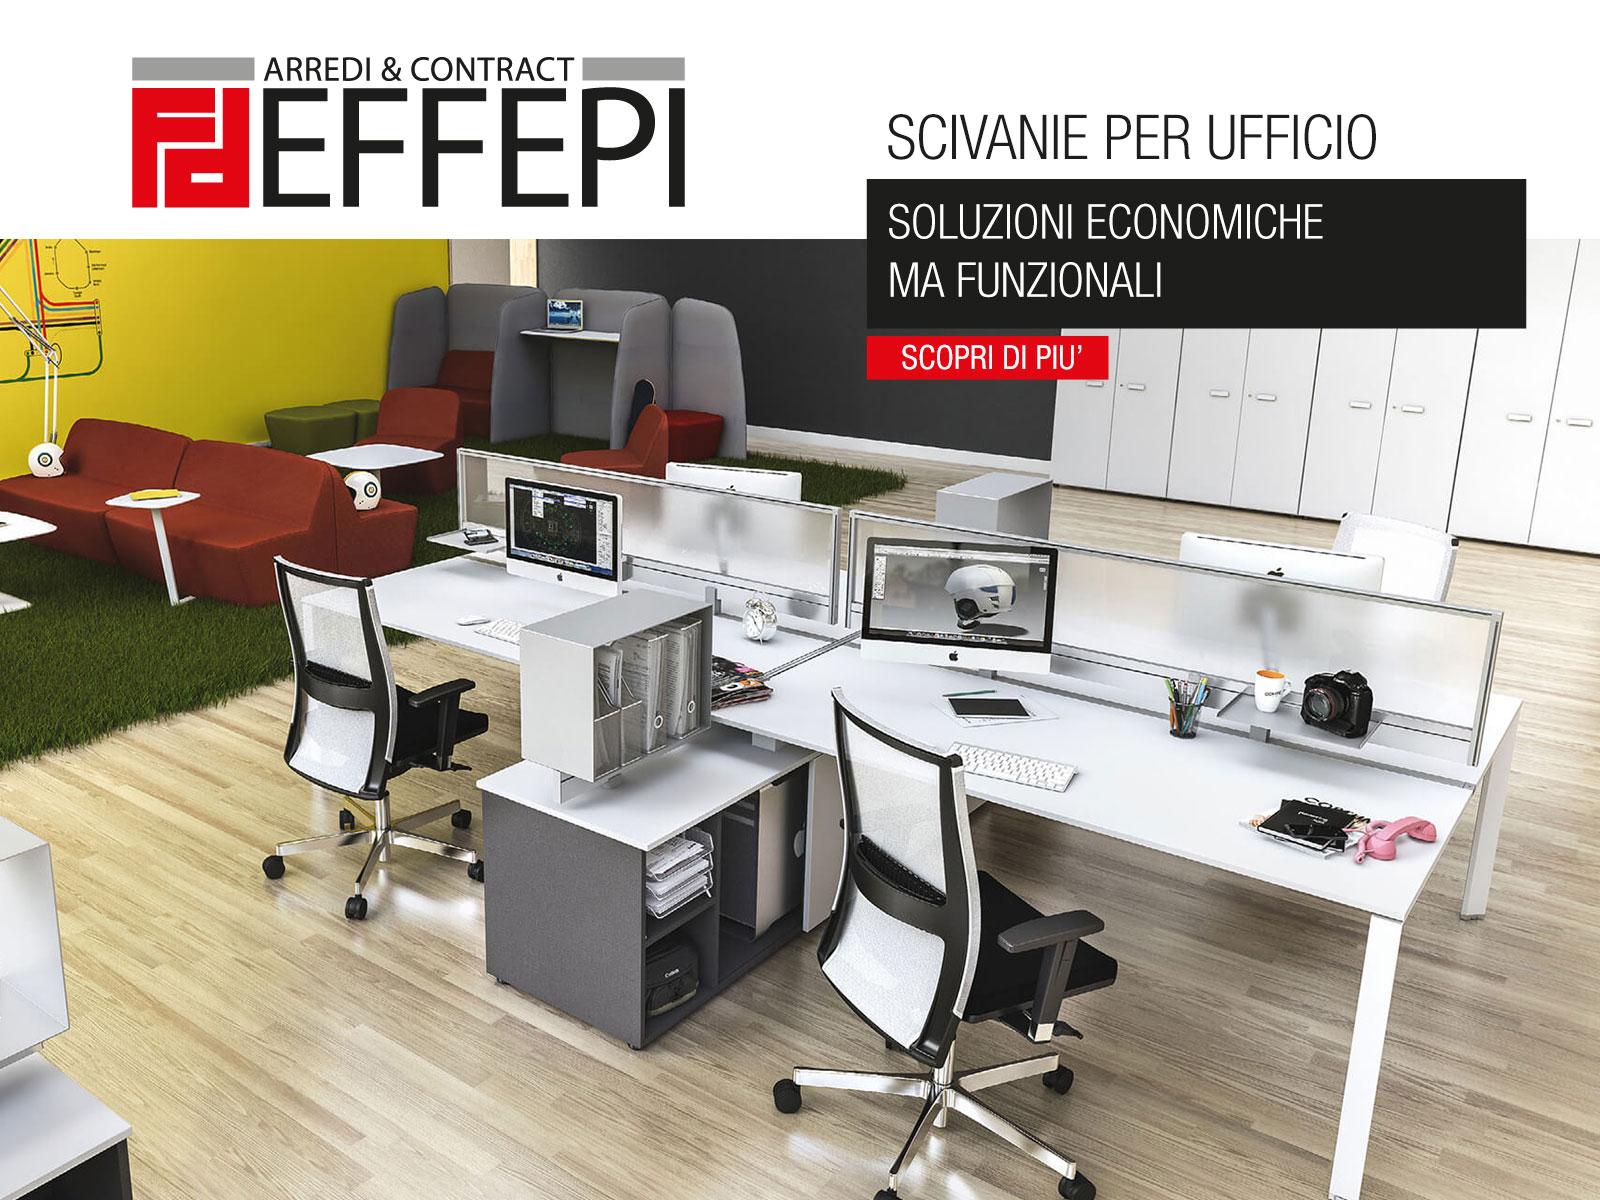 Scrivanie ufficio economiche fatti aiutare da un esperto for Scrivanie ufficio economiche